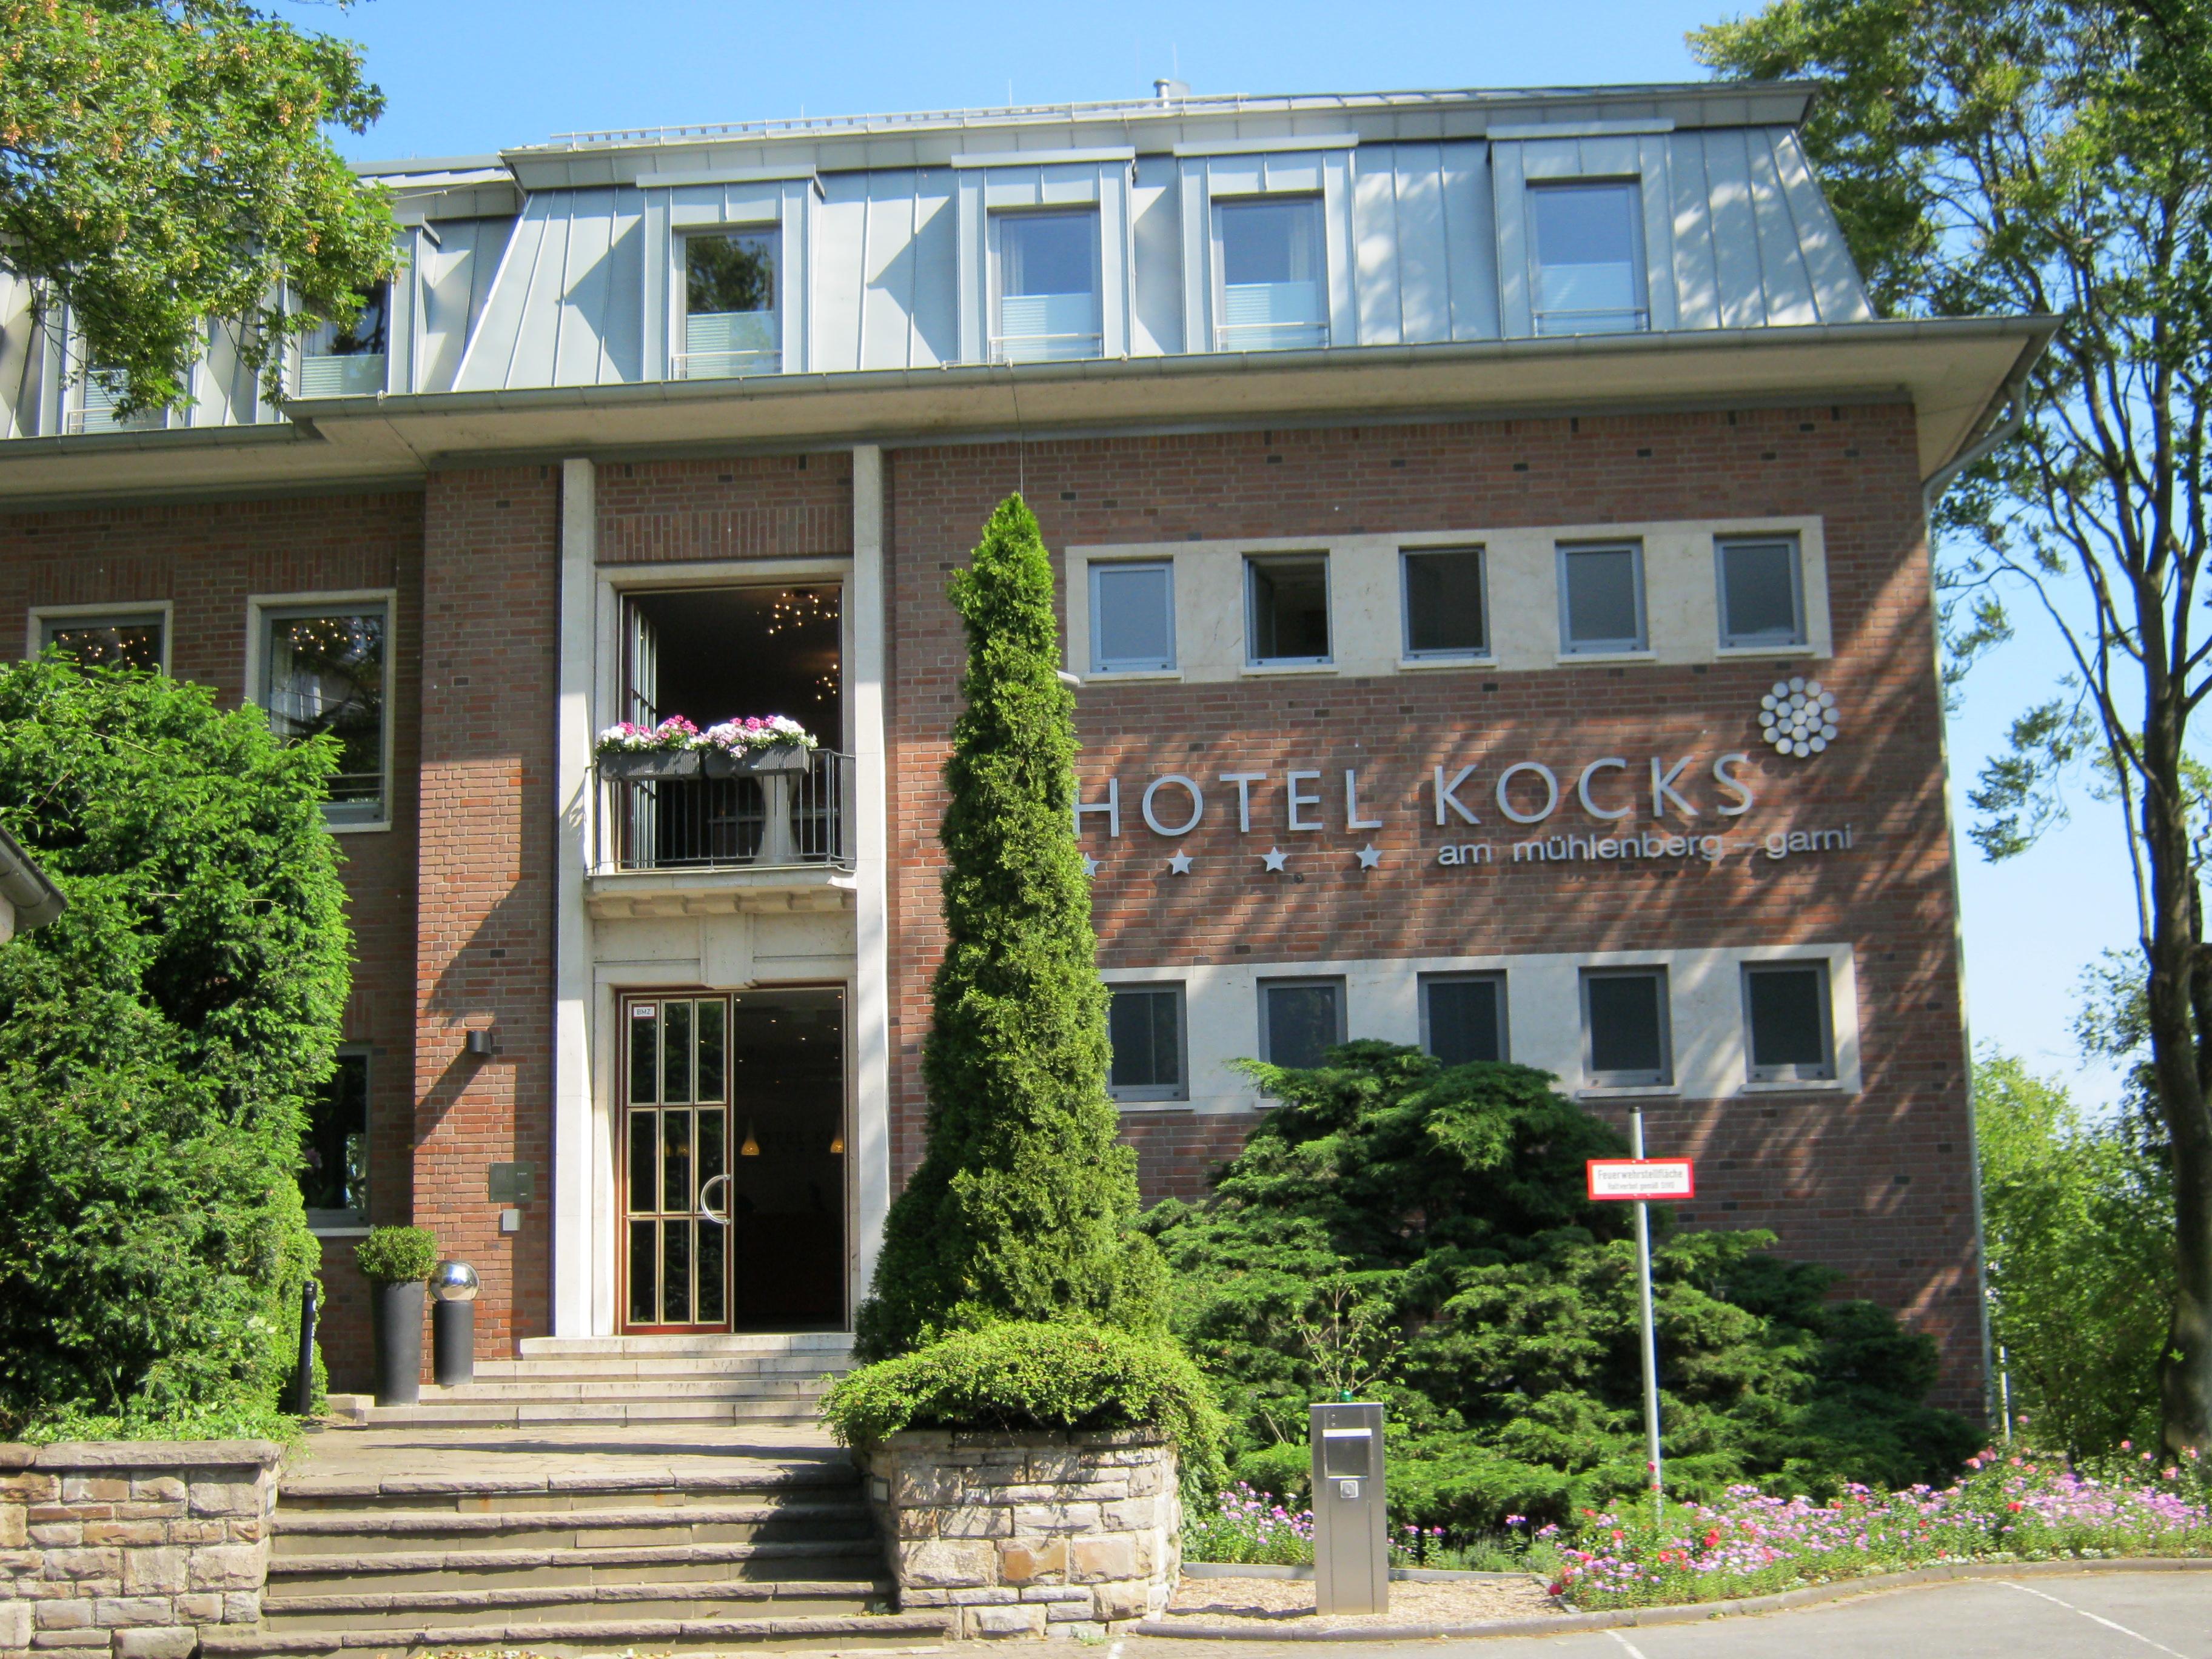 Hotel Kocks am Muhlenberg